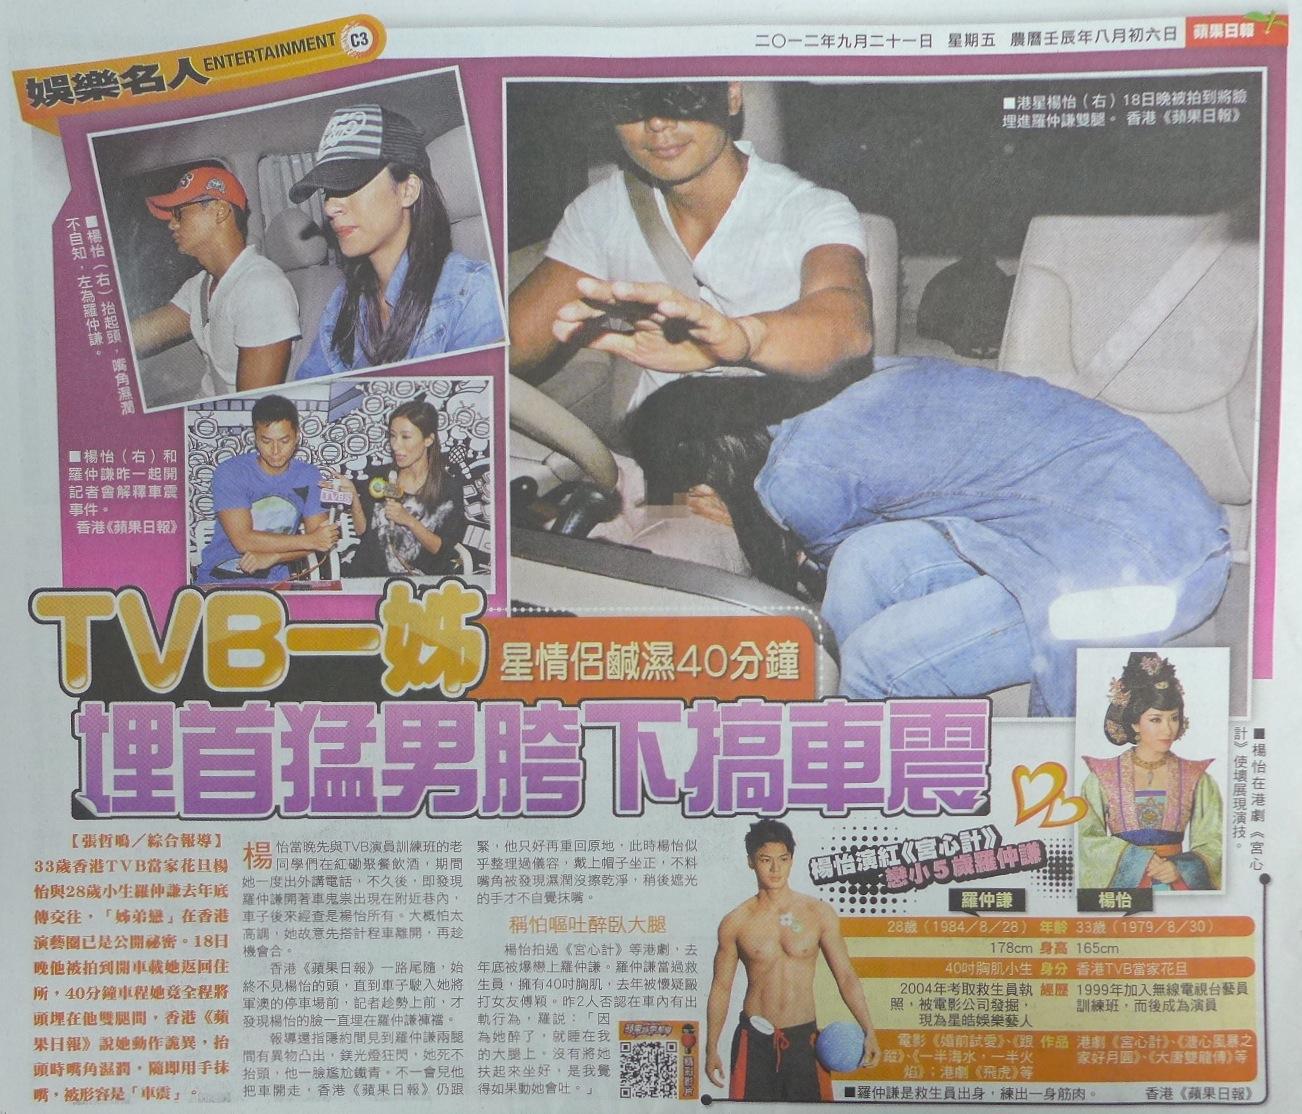 TVB一姊楊怡星情侶鹹濕40分鐘 埋首猛男胯下搞車震